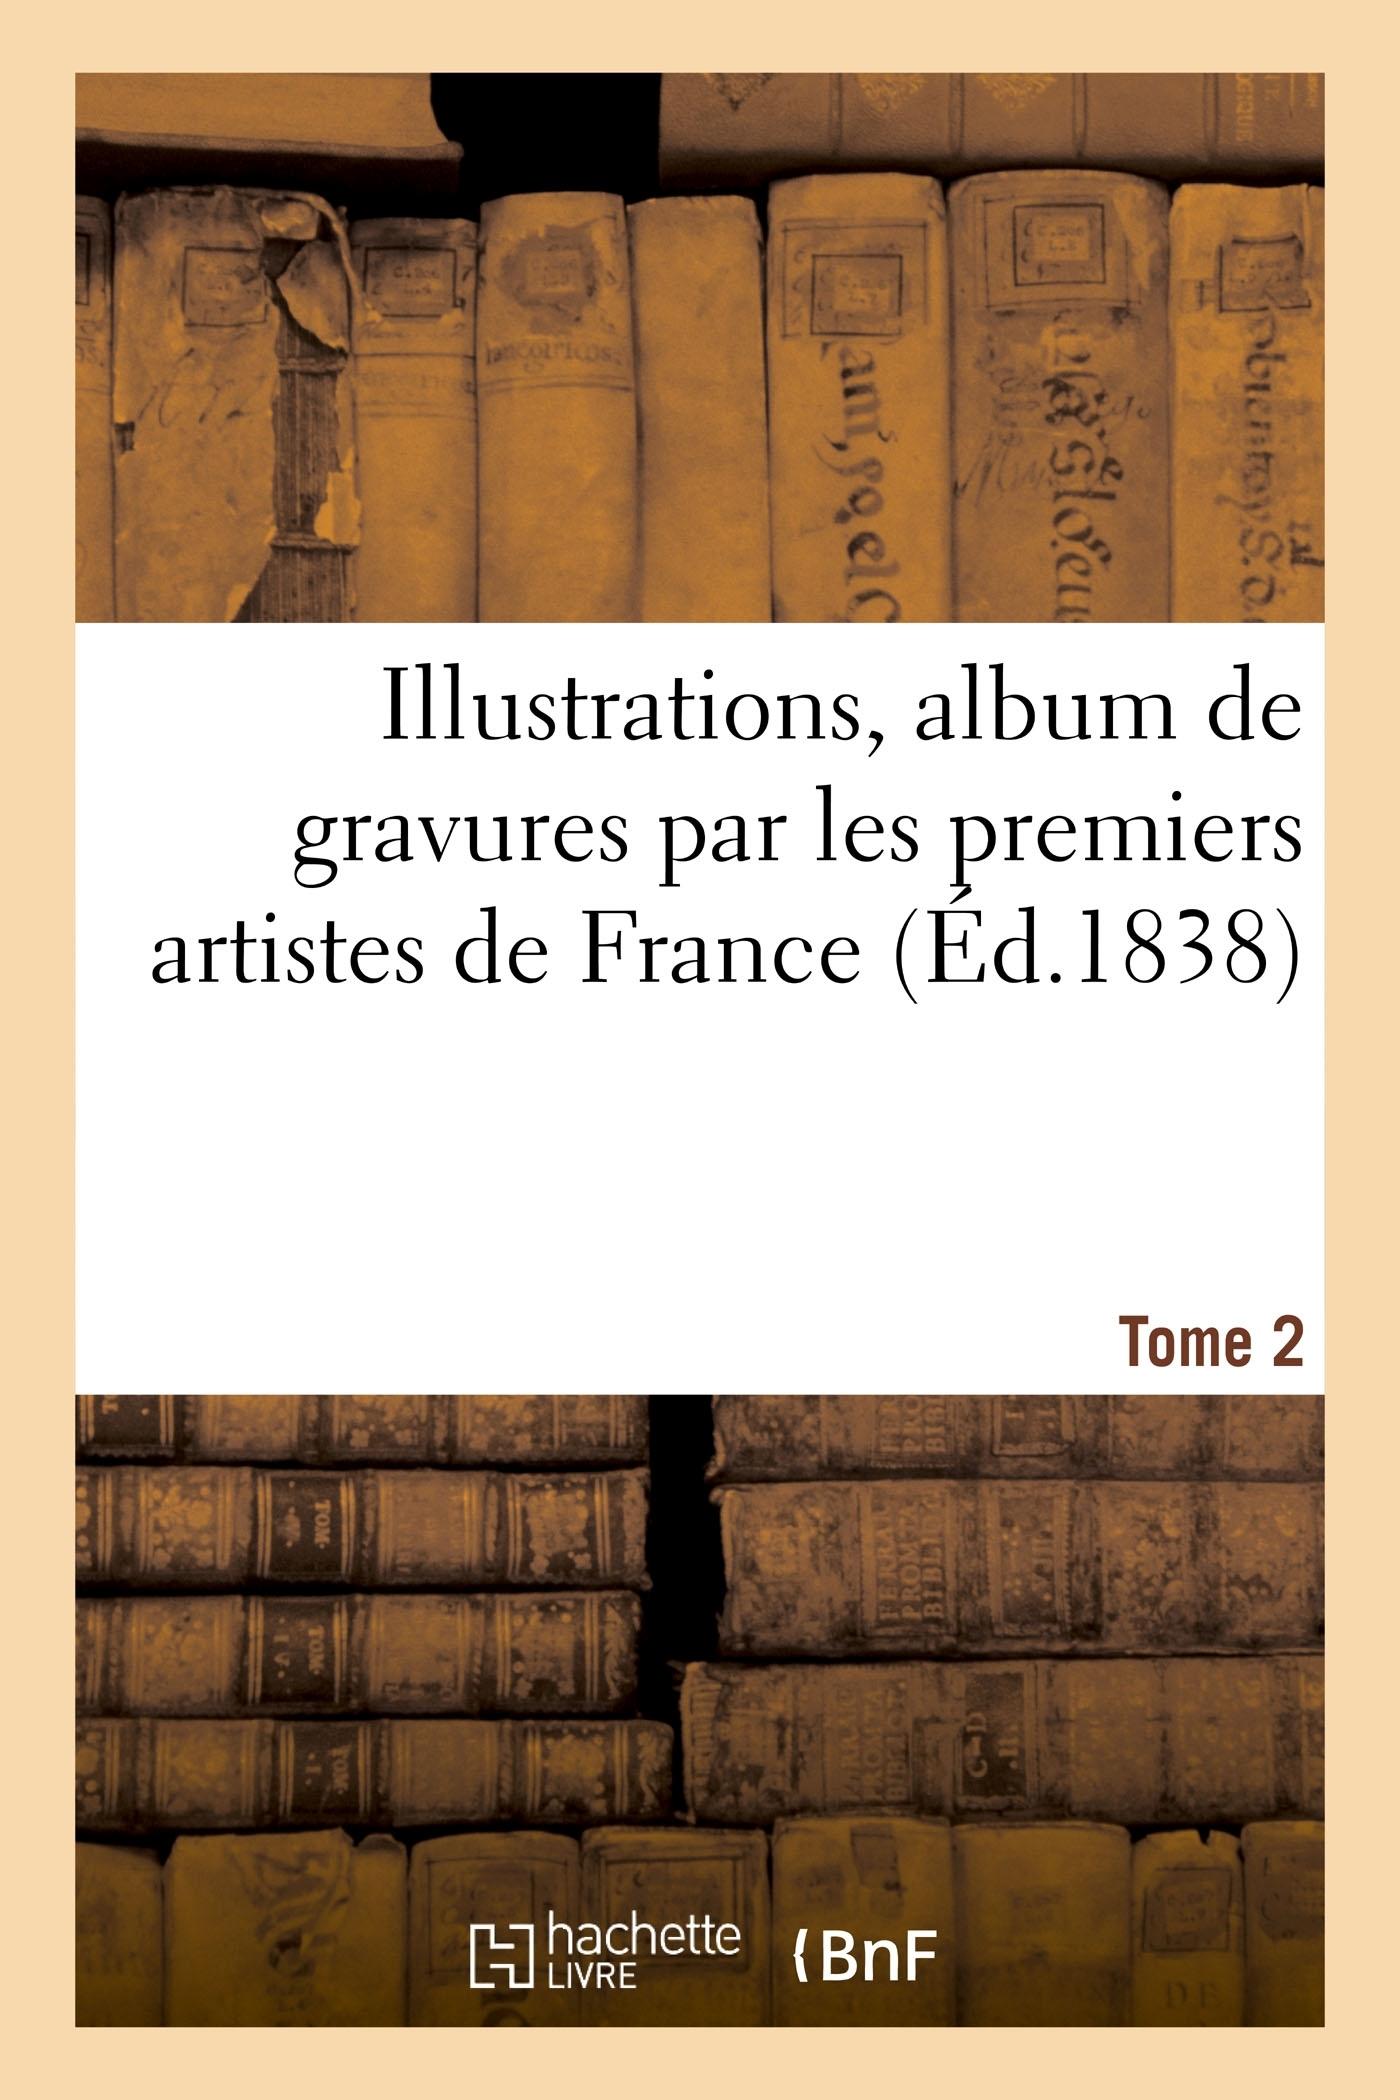 ILLUSTRATIONS : ALBUM DE GRAVURES PAR LES PREMIERS ARTISTES DE FRANCE, AVEC DES TEXTES - PIECES DE V